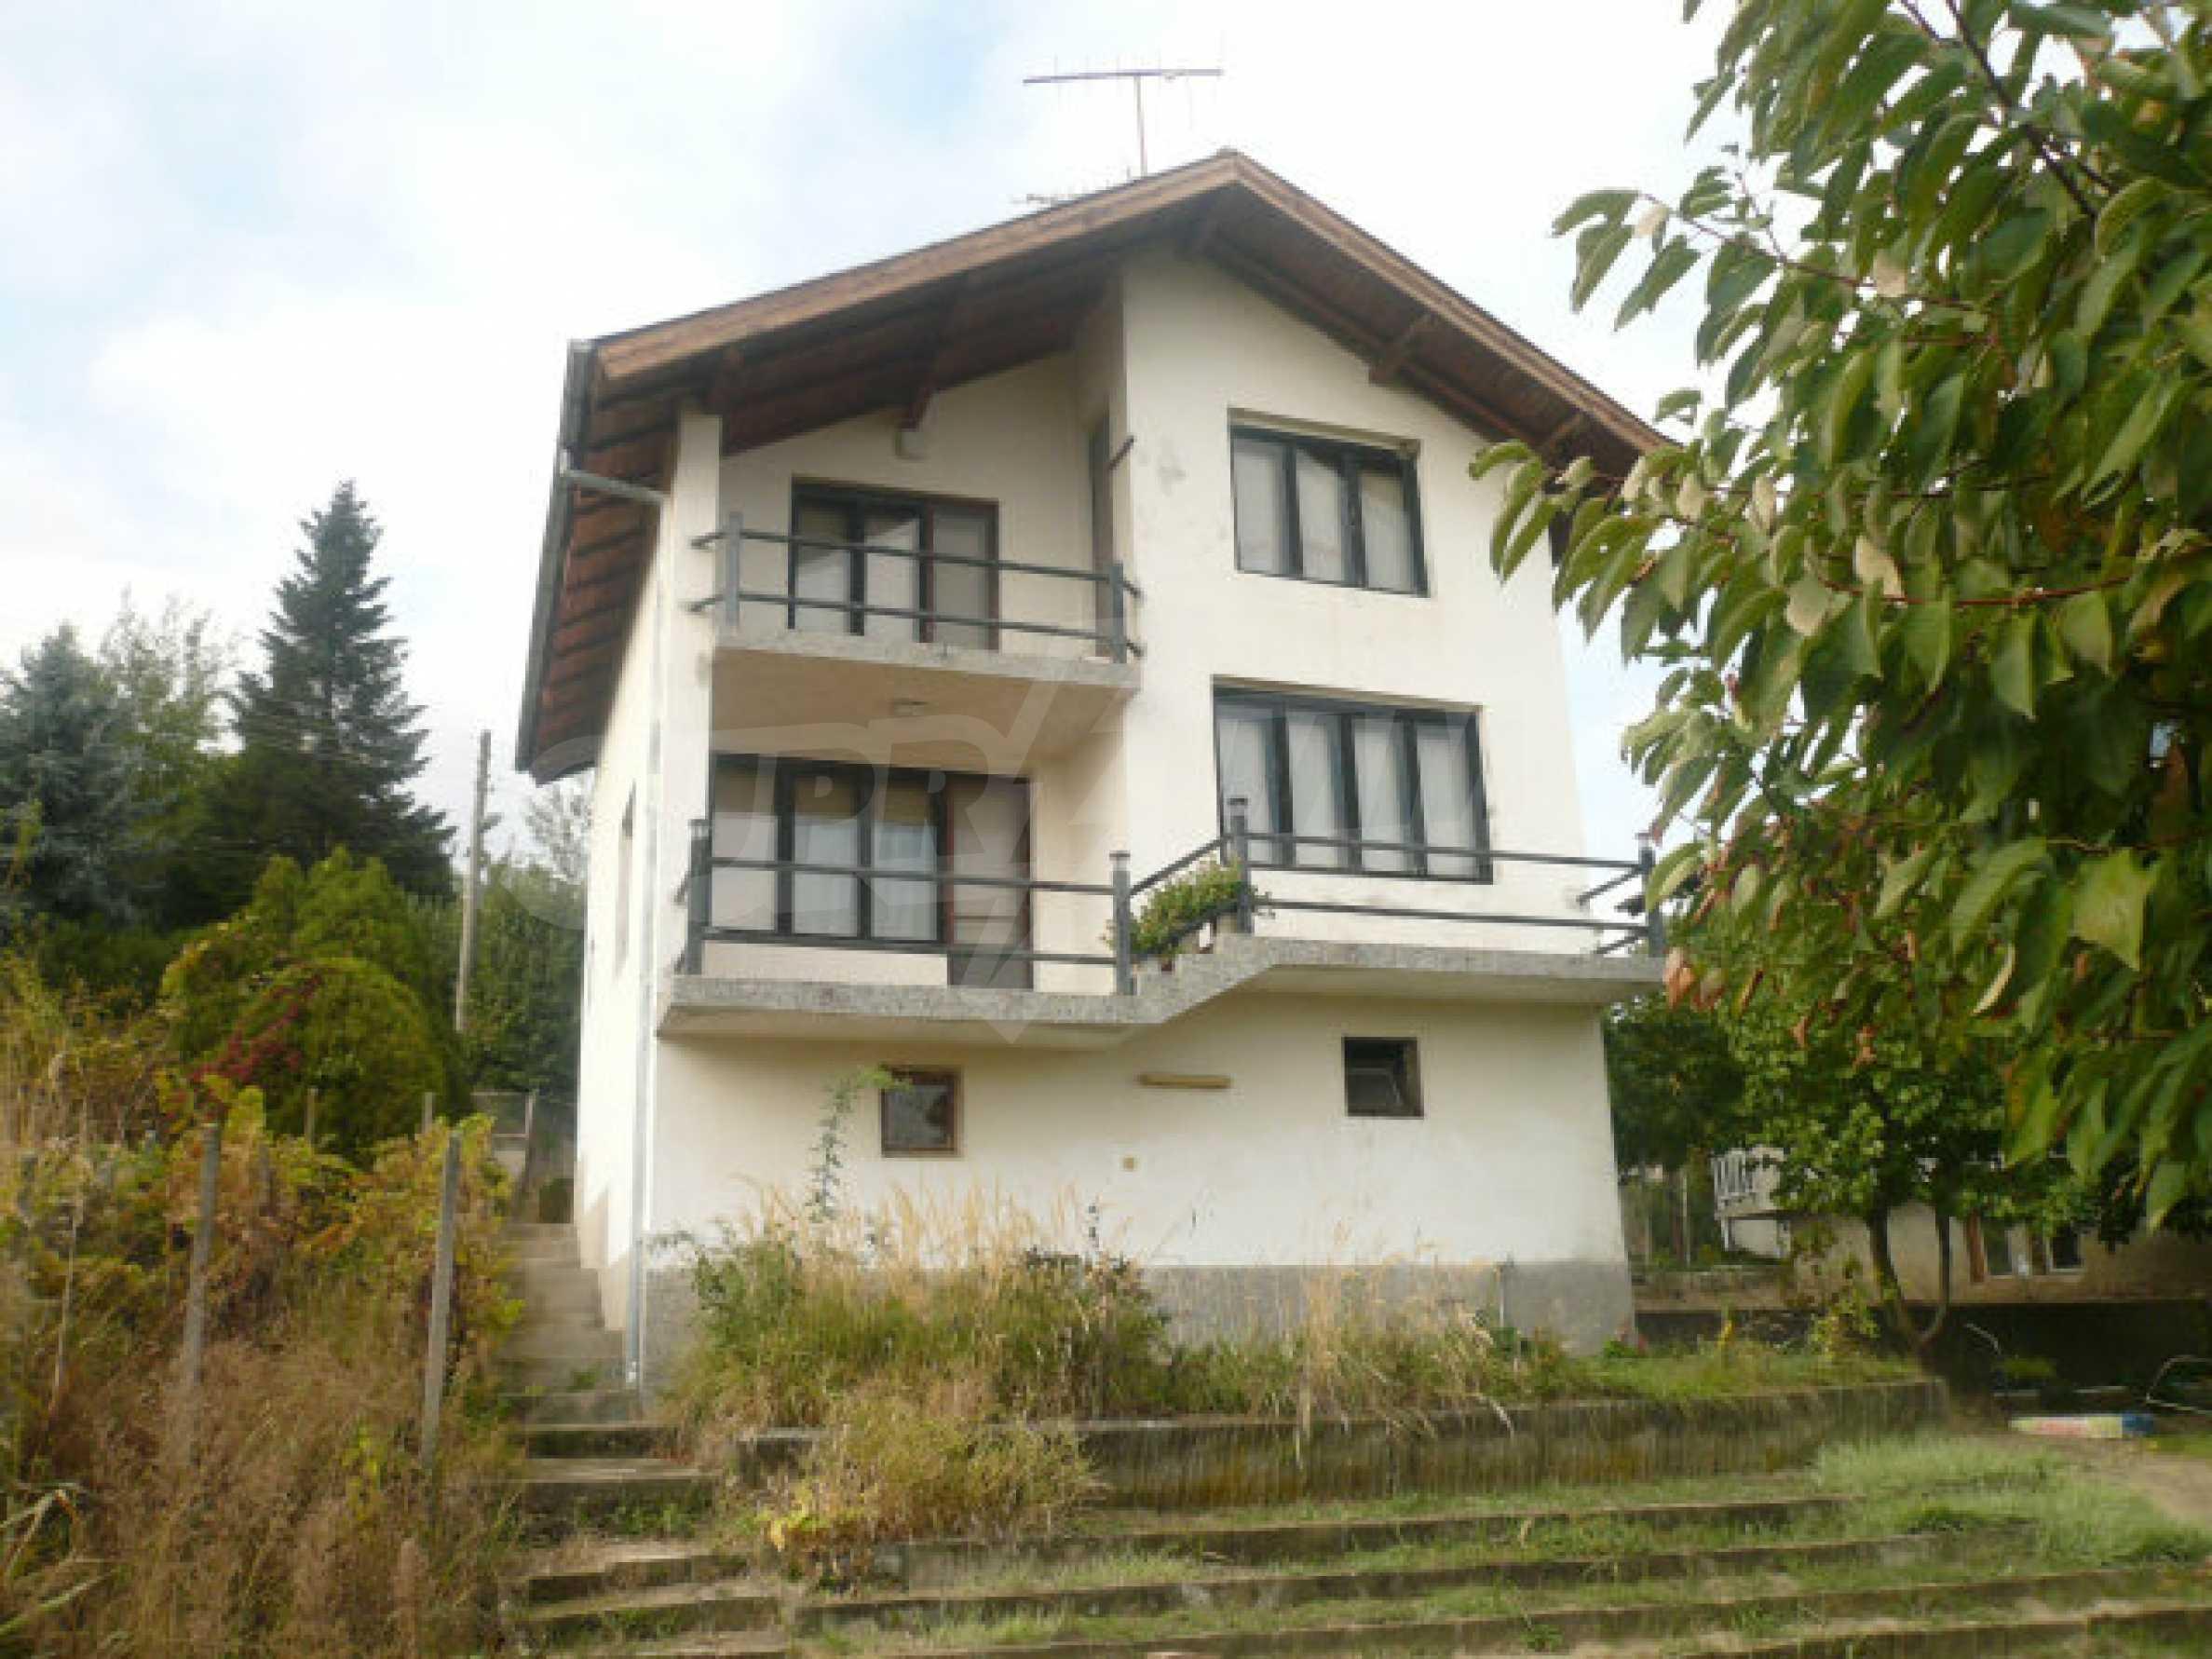 Dreistöckige Villa an der Küste von Donau